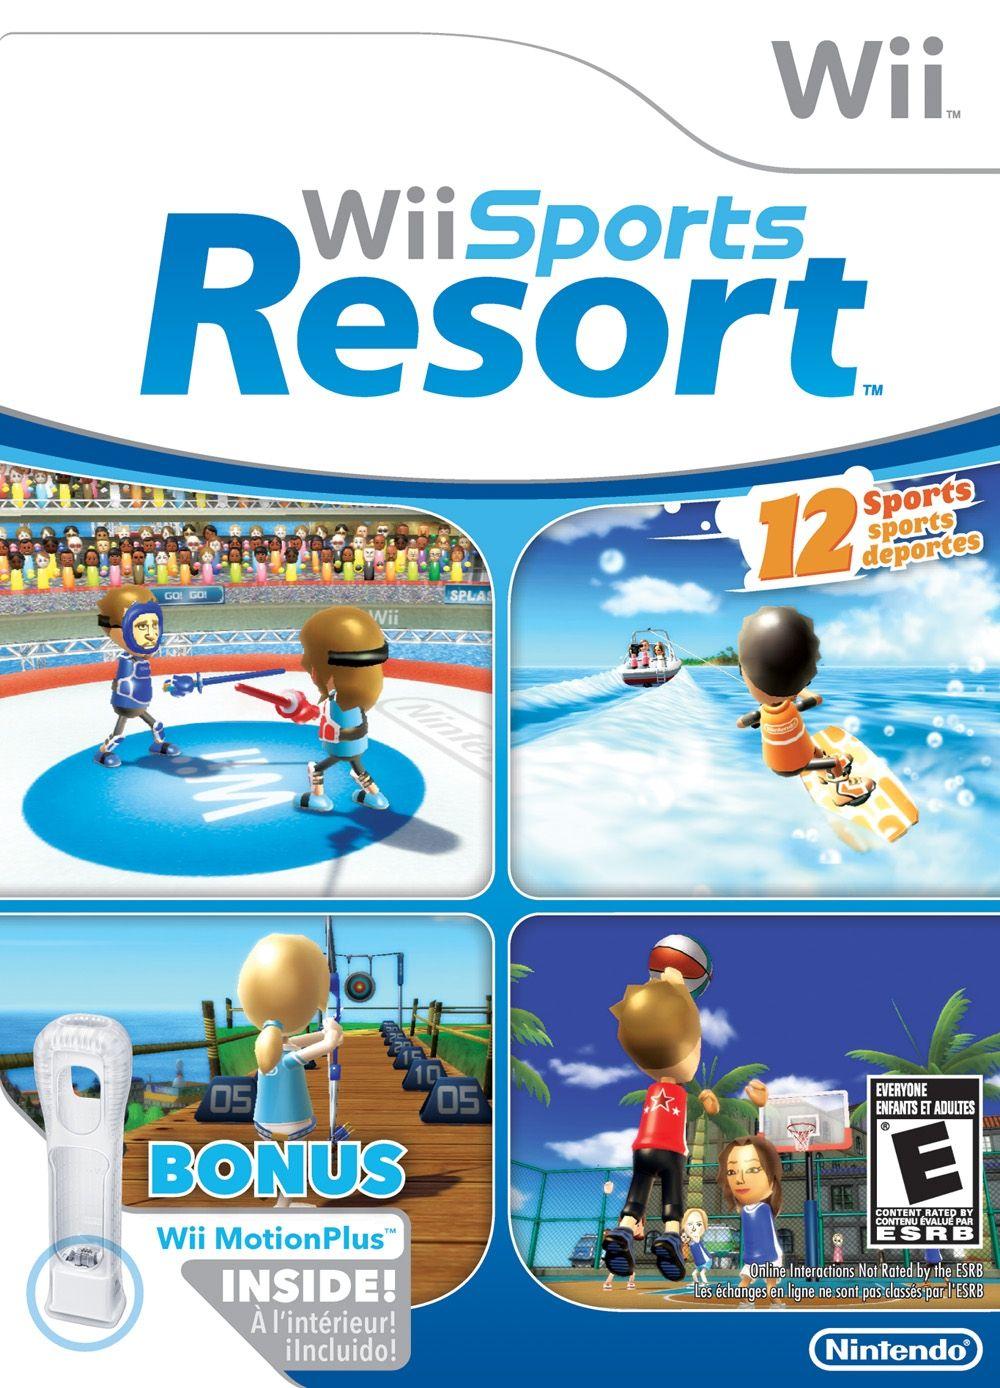 WII SPORTS RESORT Juegos de wii, Juegos de wii u, Juegos